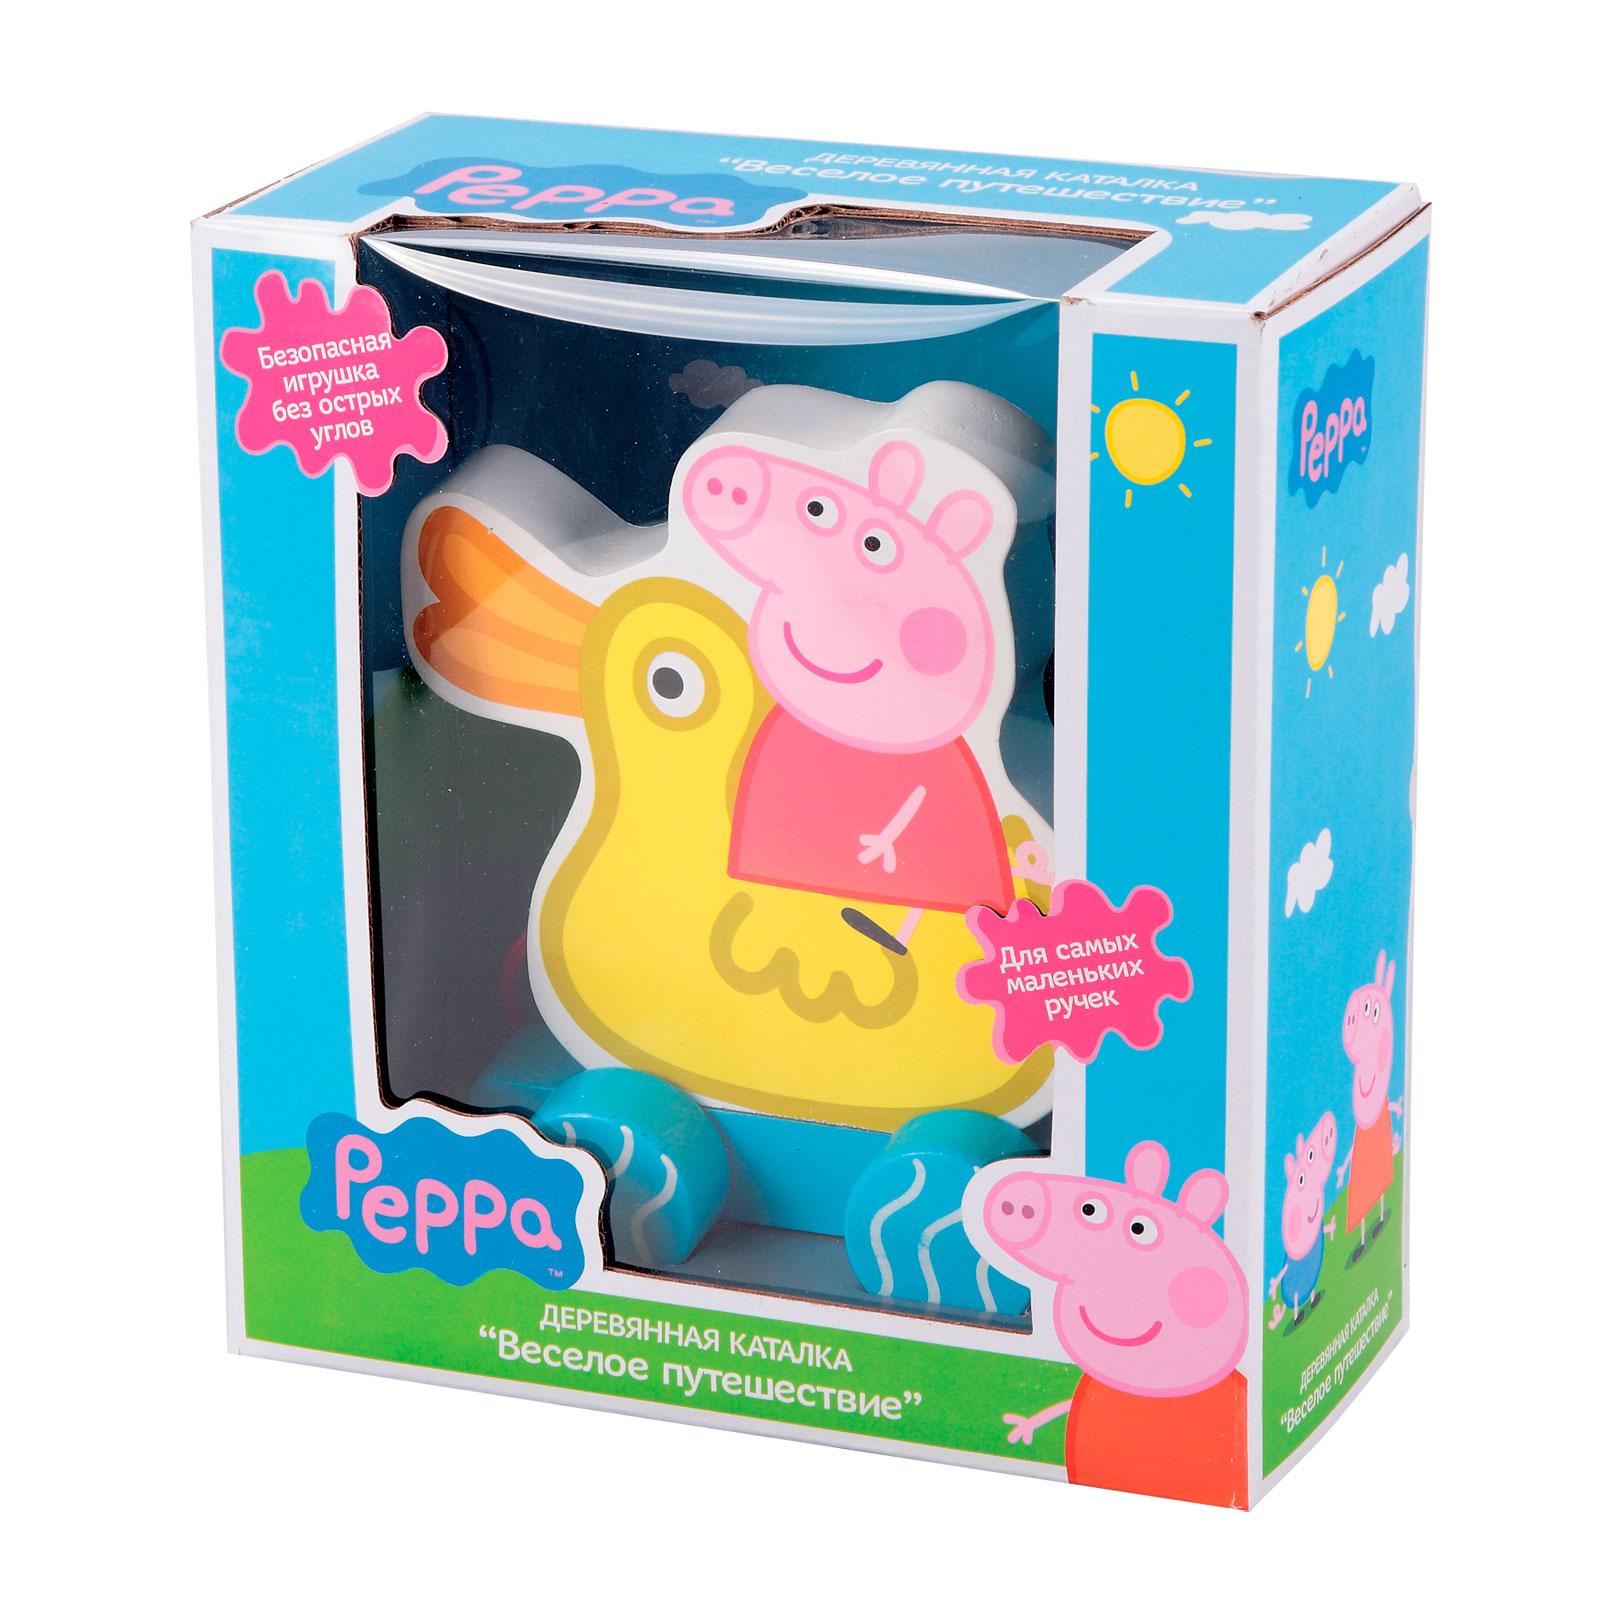 Игровой набор Peppa Pig Каталка Пеппа на уточке (дерево)<br>